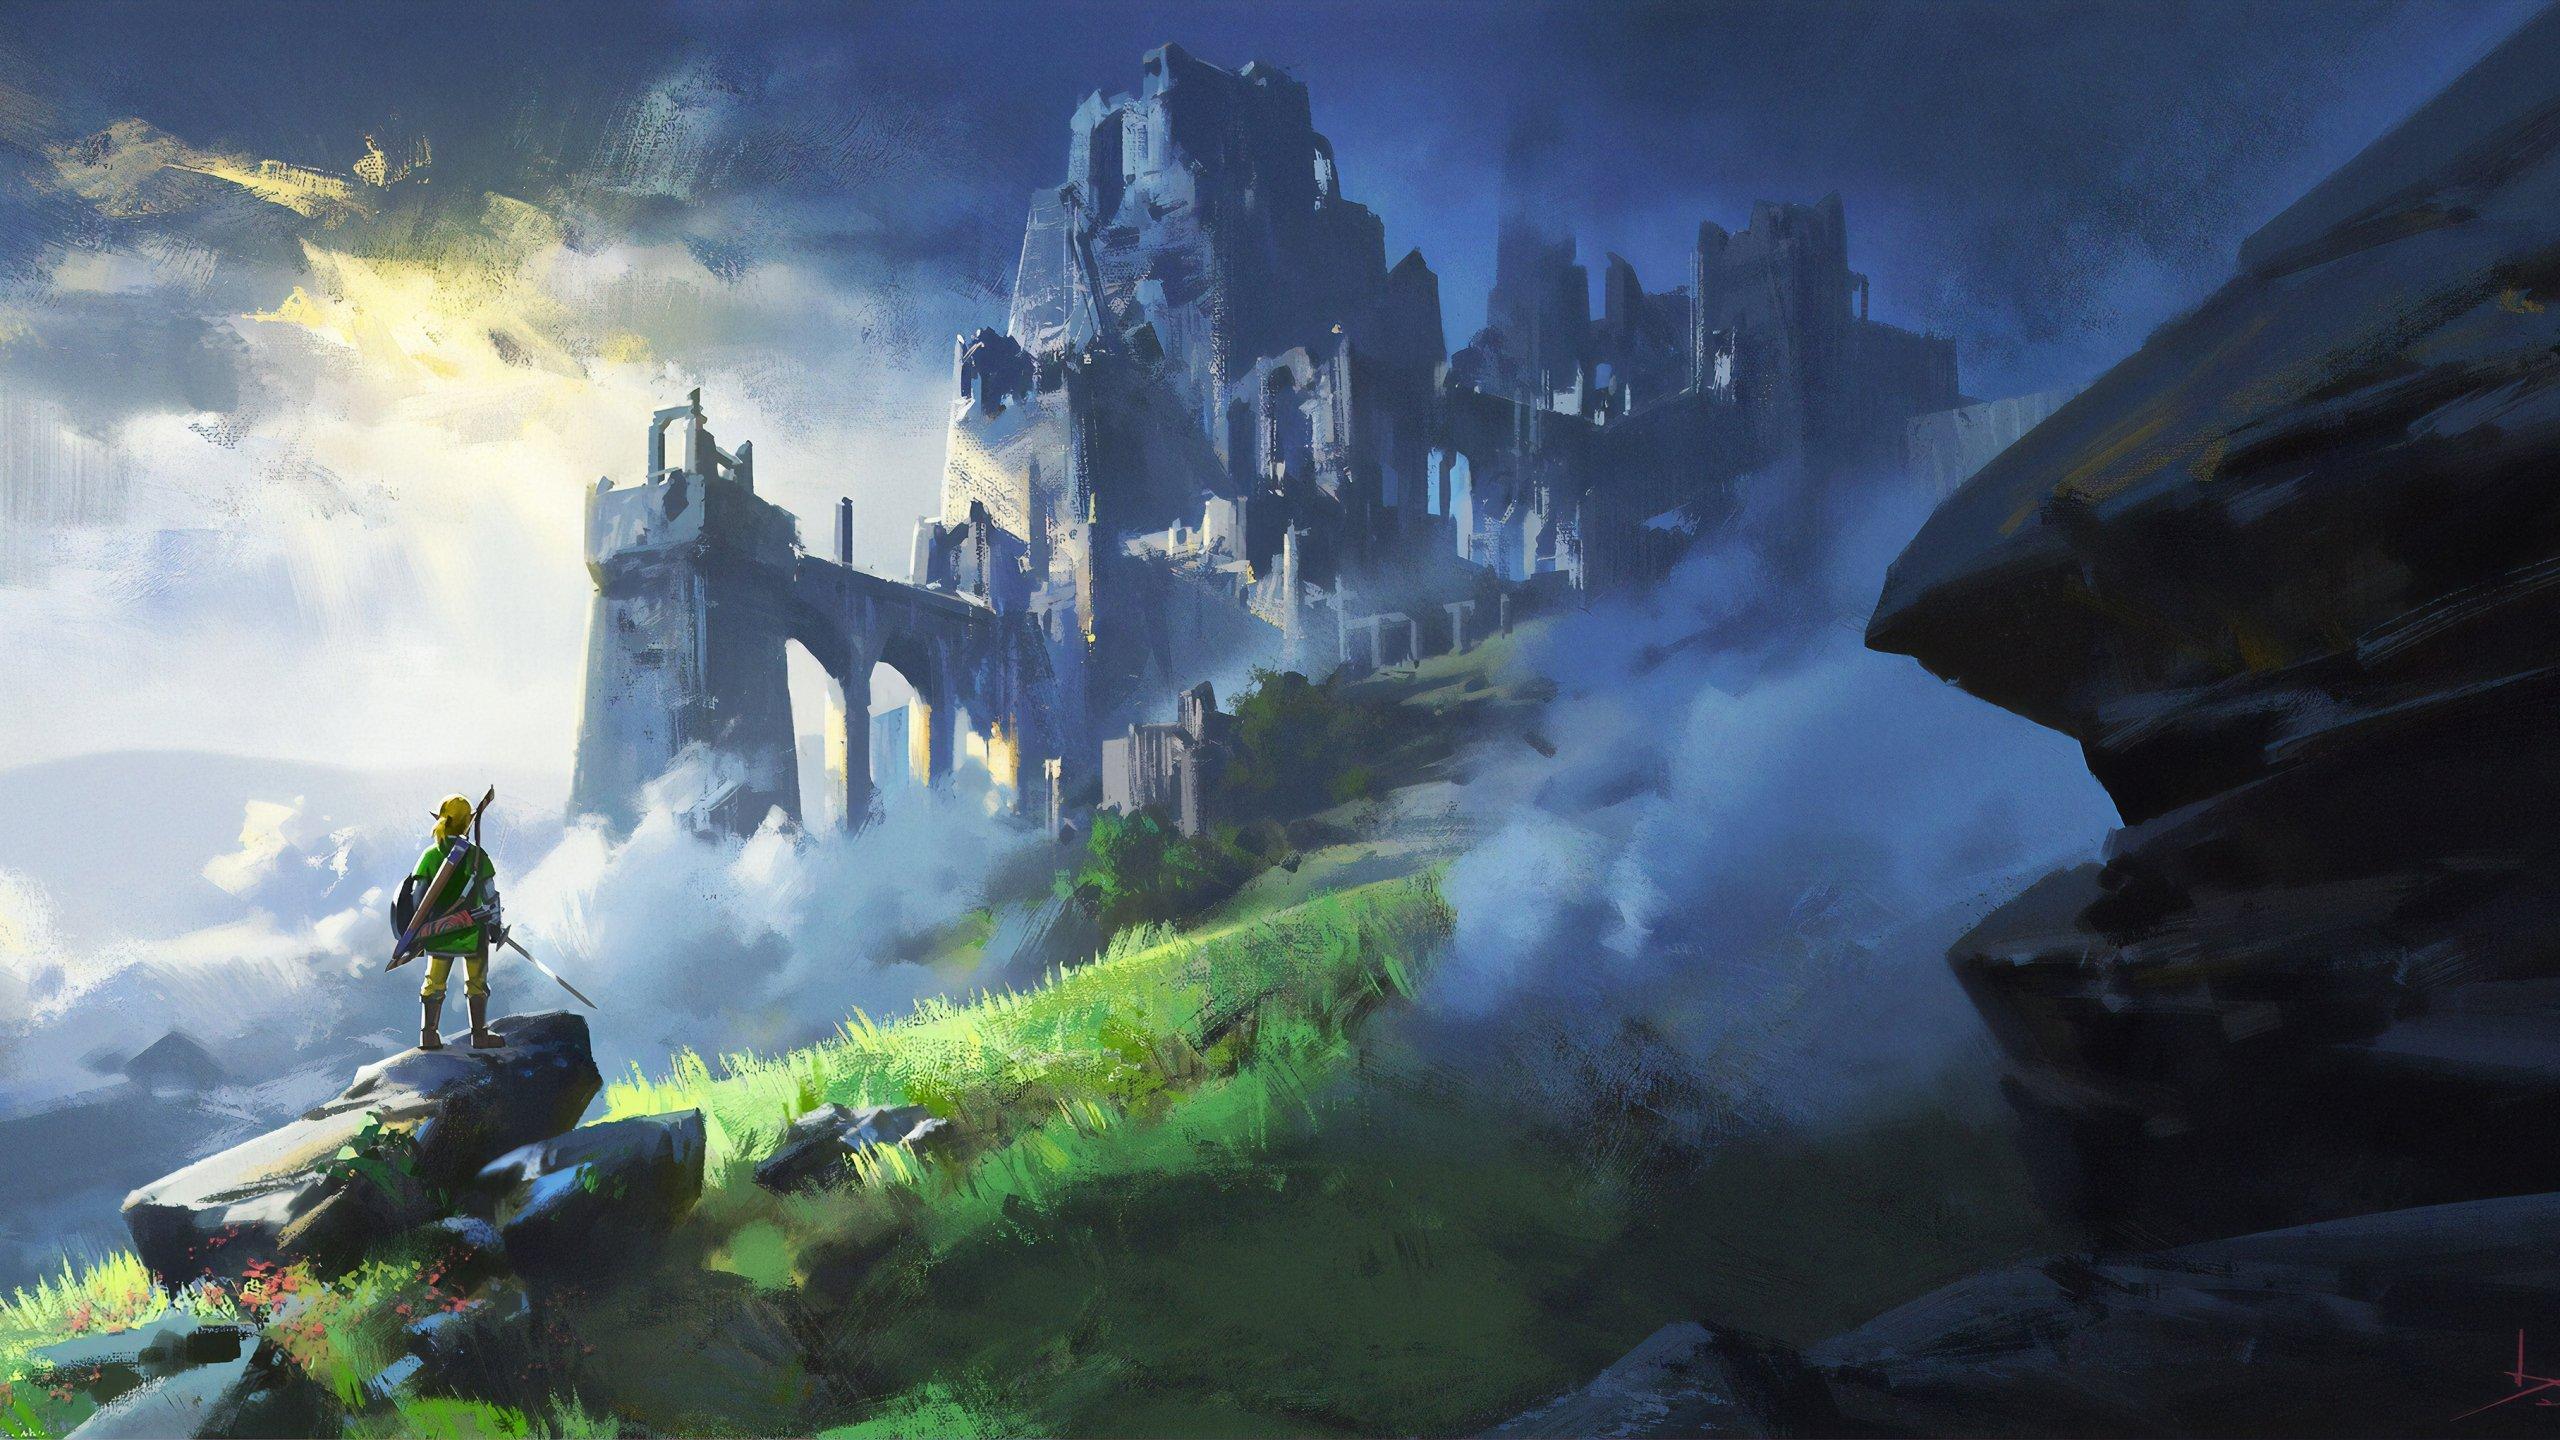 The Legend Of Zelda Breath Of The Wild Wallpaper 4k Ultra Hd Id 4065